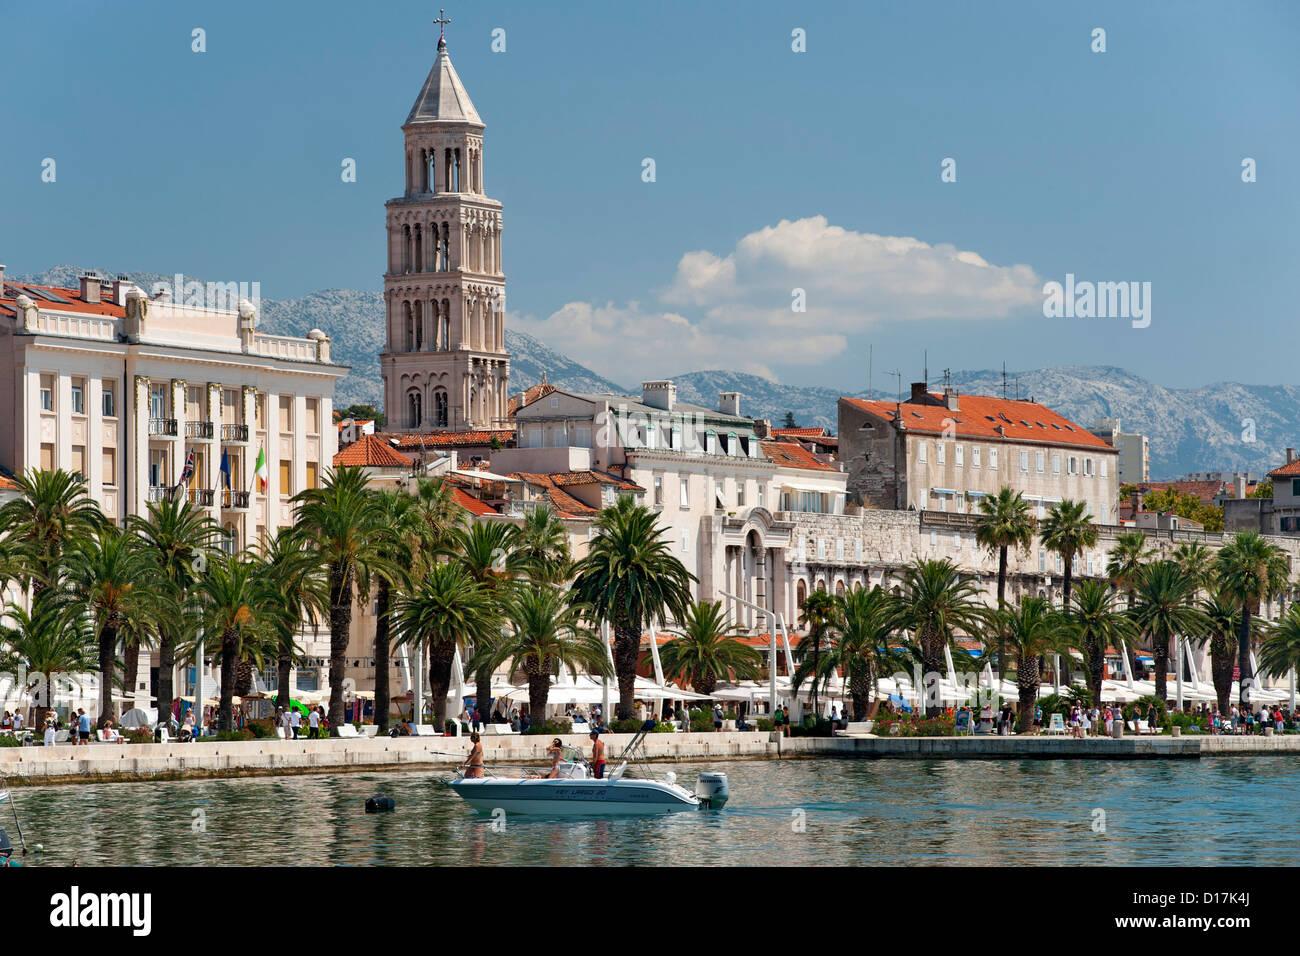 Die Uferpromenade und der Turm der Kathedrale des Heiligen Domnius in der Stadt Split in Kroatien. Stockbild